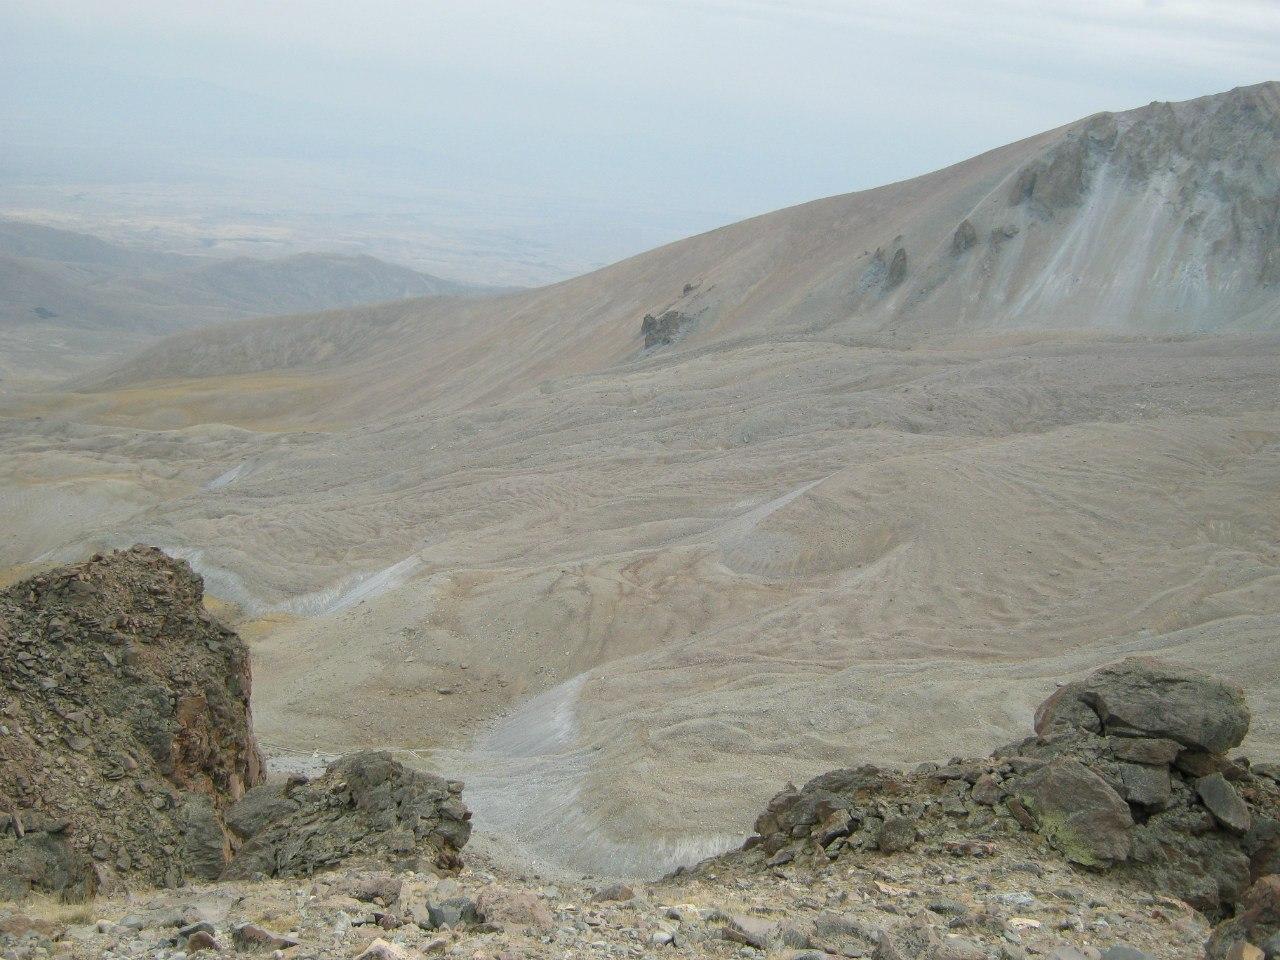 Восточный склон горы Ерджияс